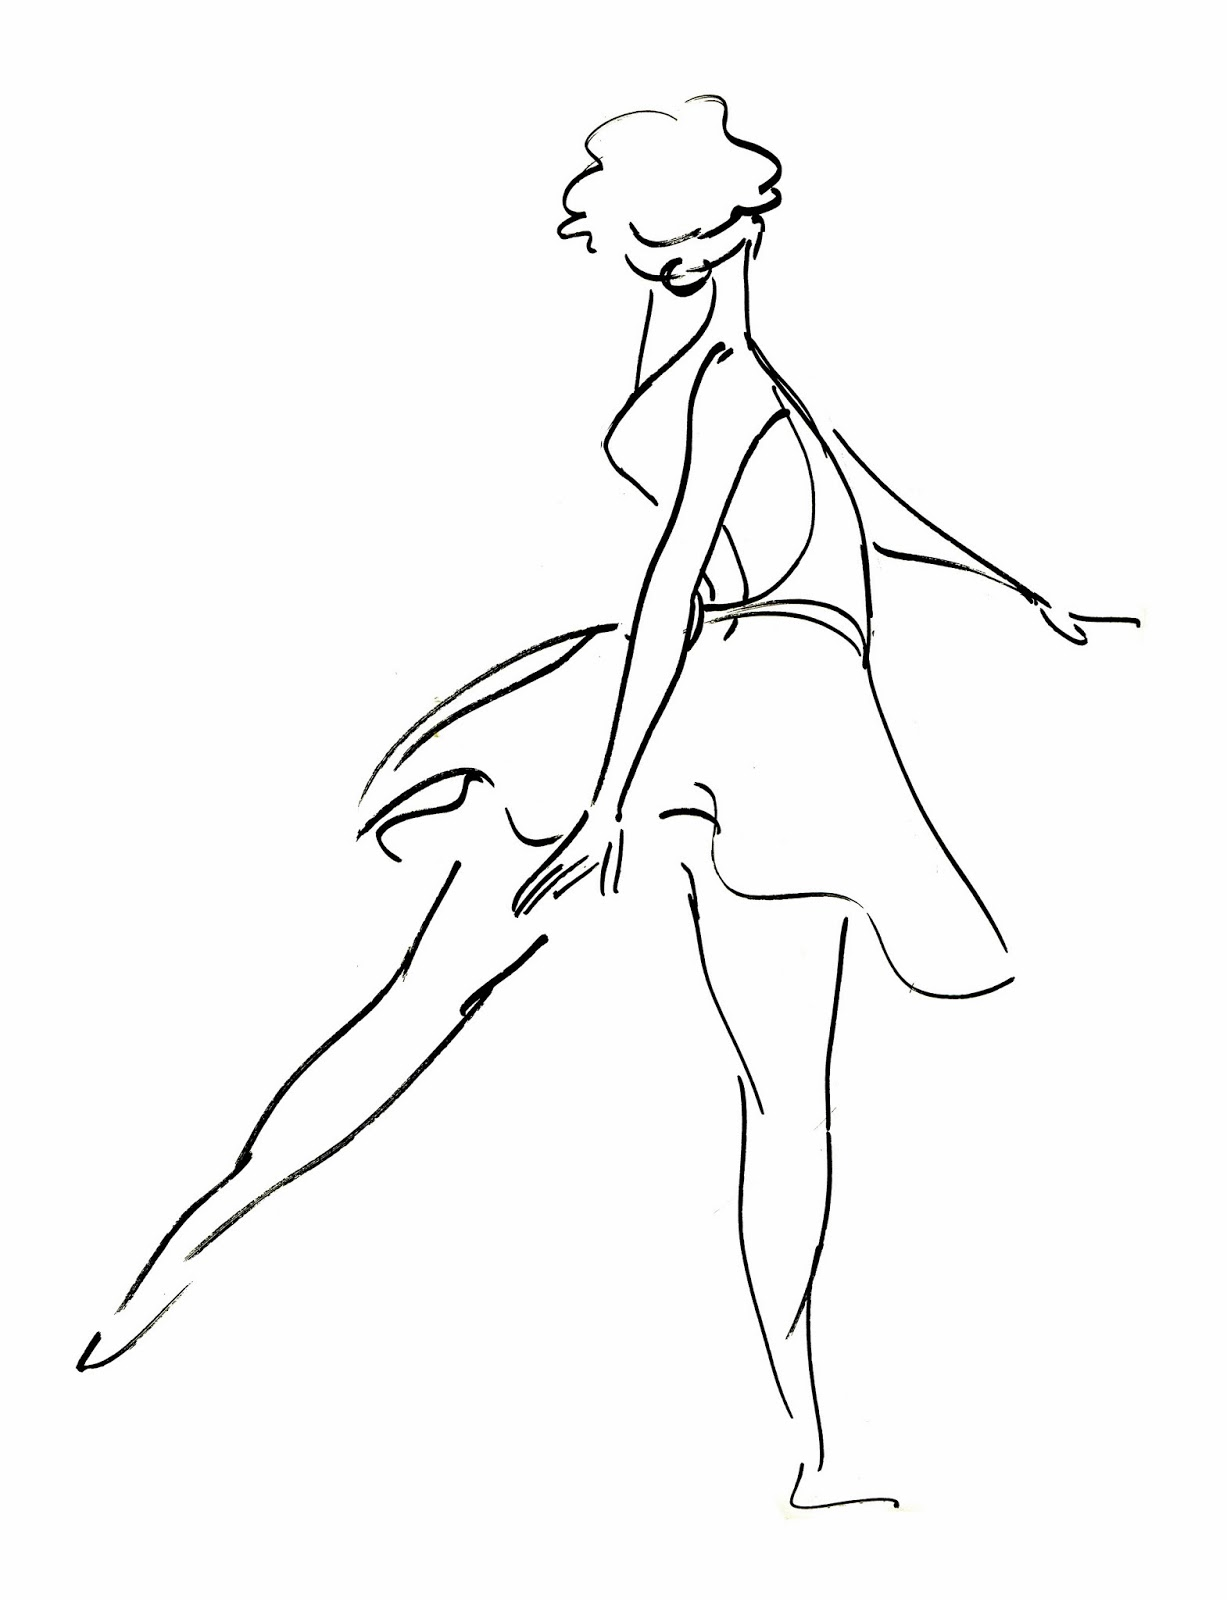 Dancer Drawings